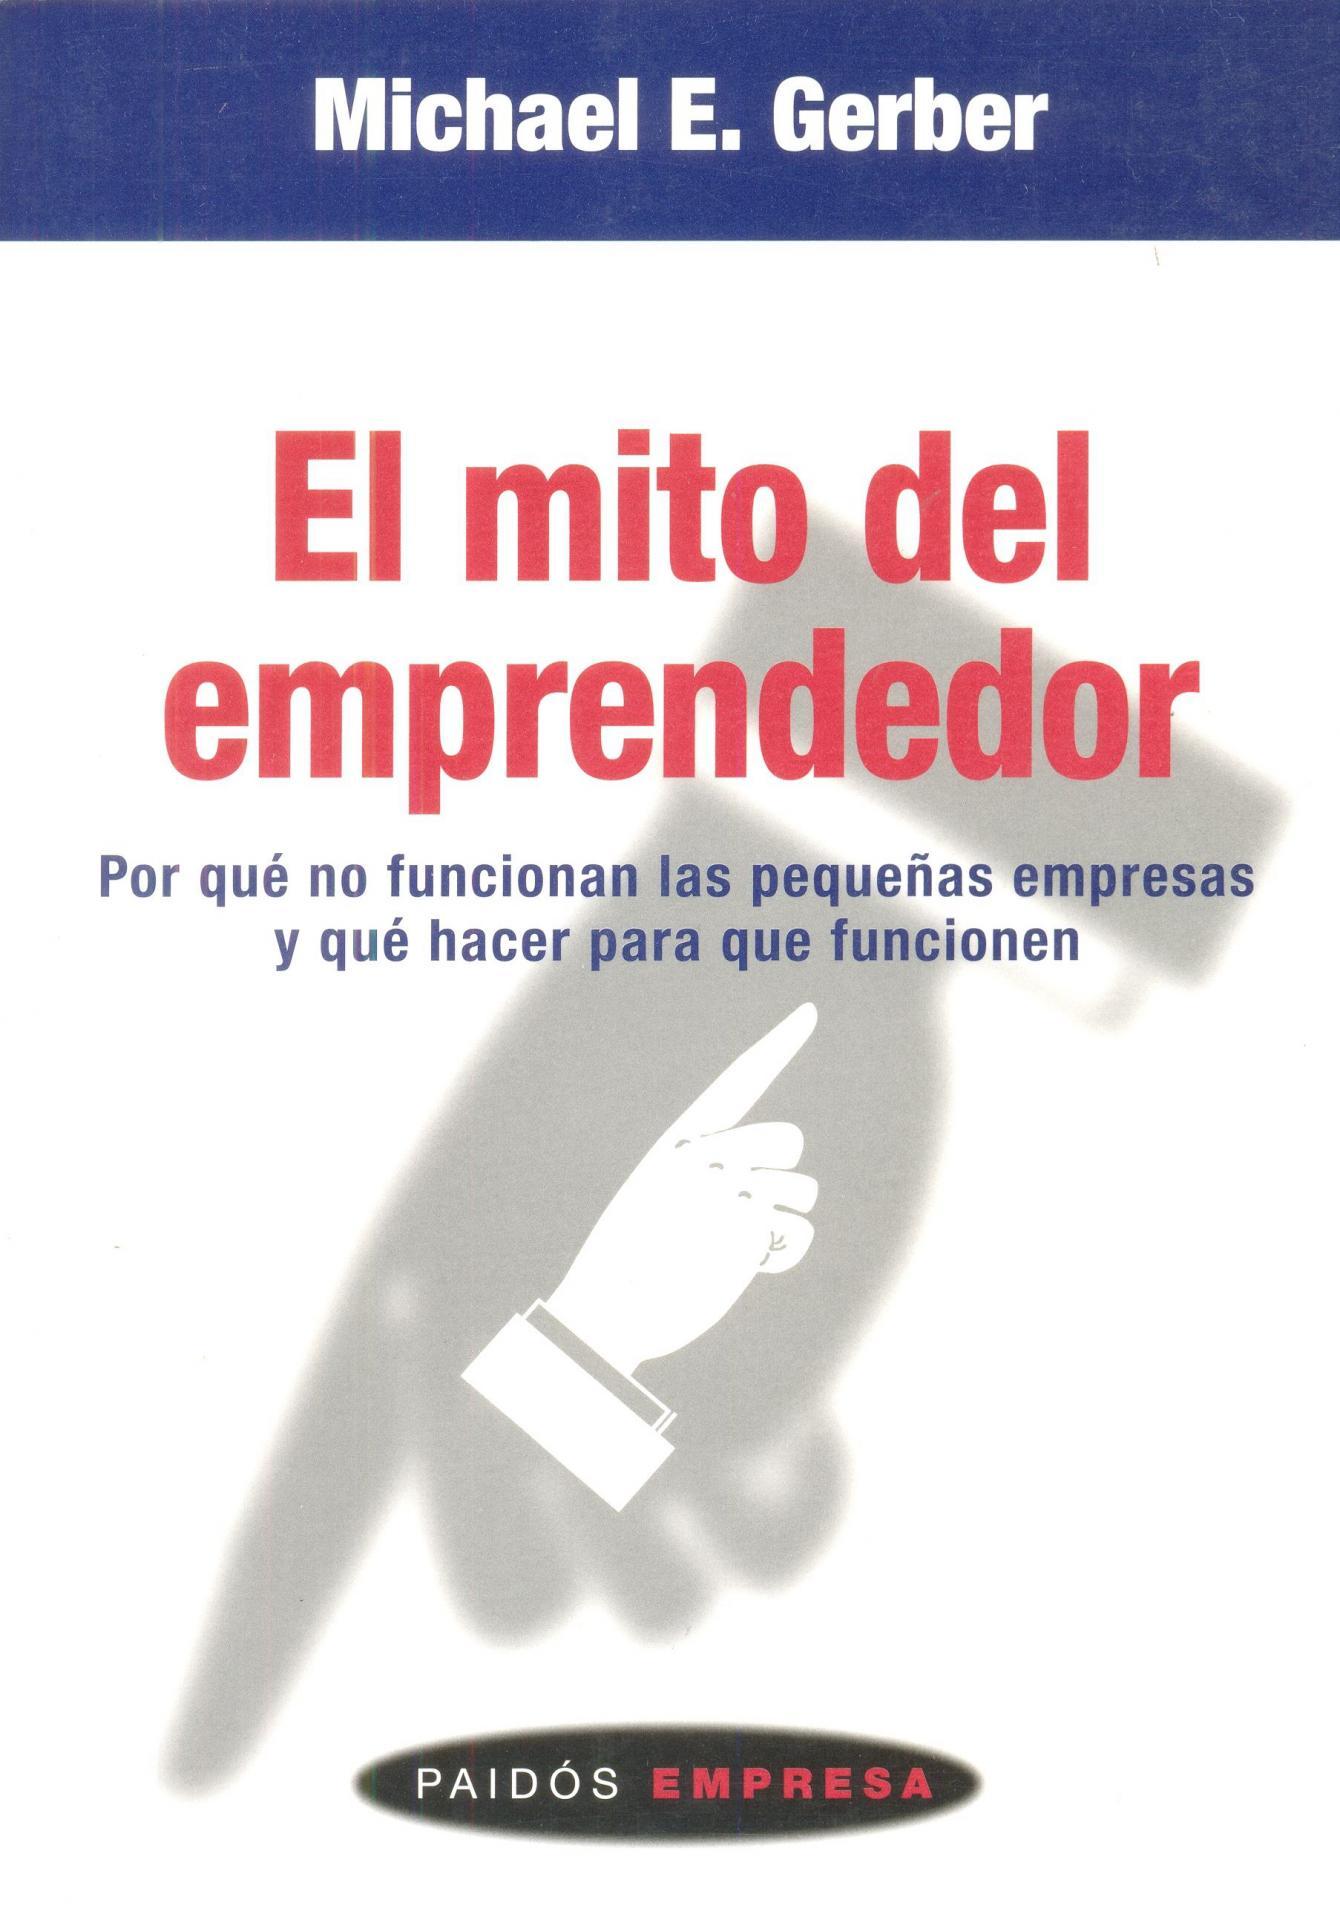 EL MITO DEL EMPRENDEDOR. Por qué no funcionan las pequeñas empresas y qué hacer para que funcionen. Gerber. M.E.